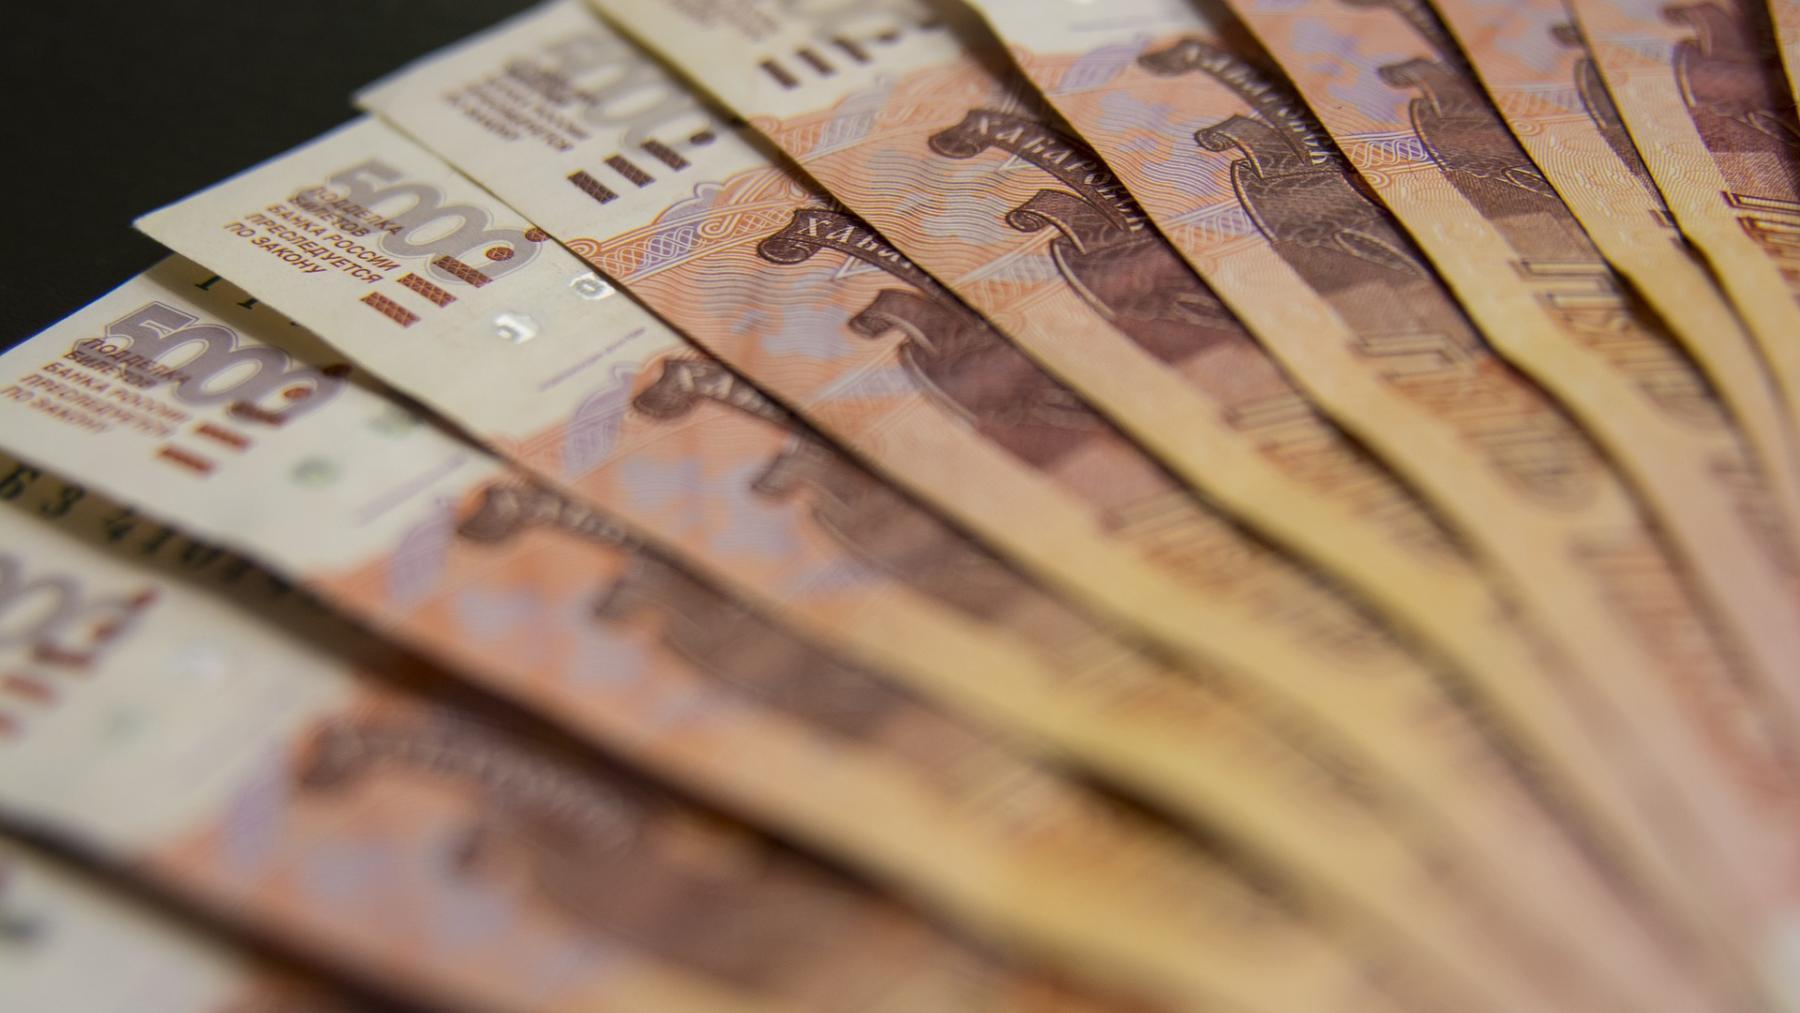 фото Родители смогут получить дополнительные выплаты на детей с 1 июля 2